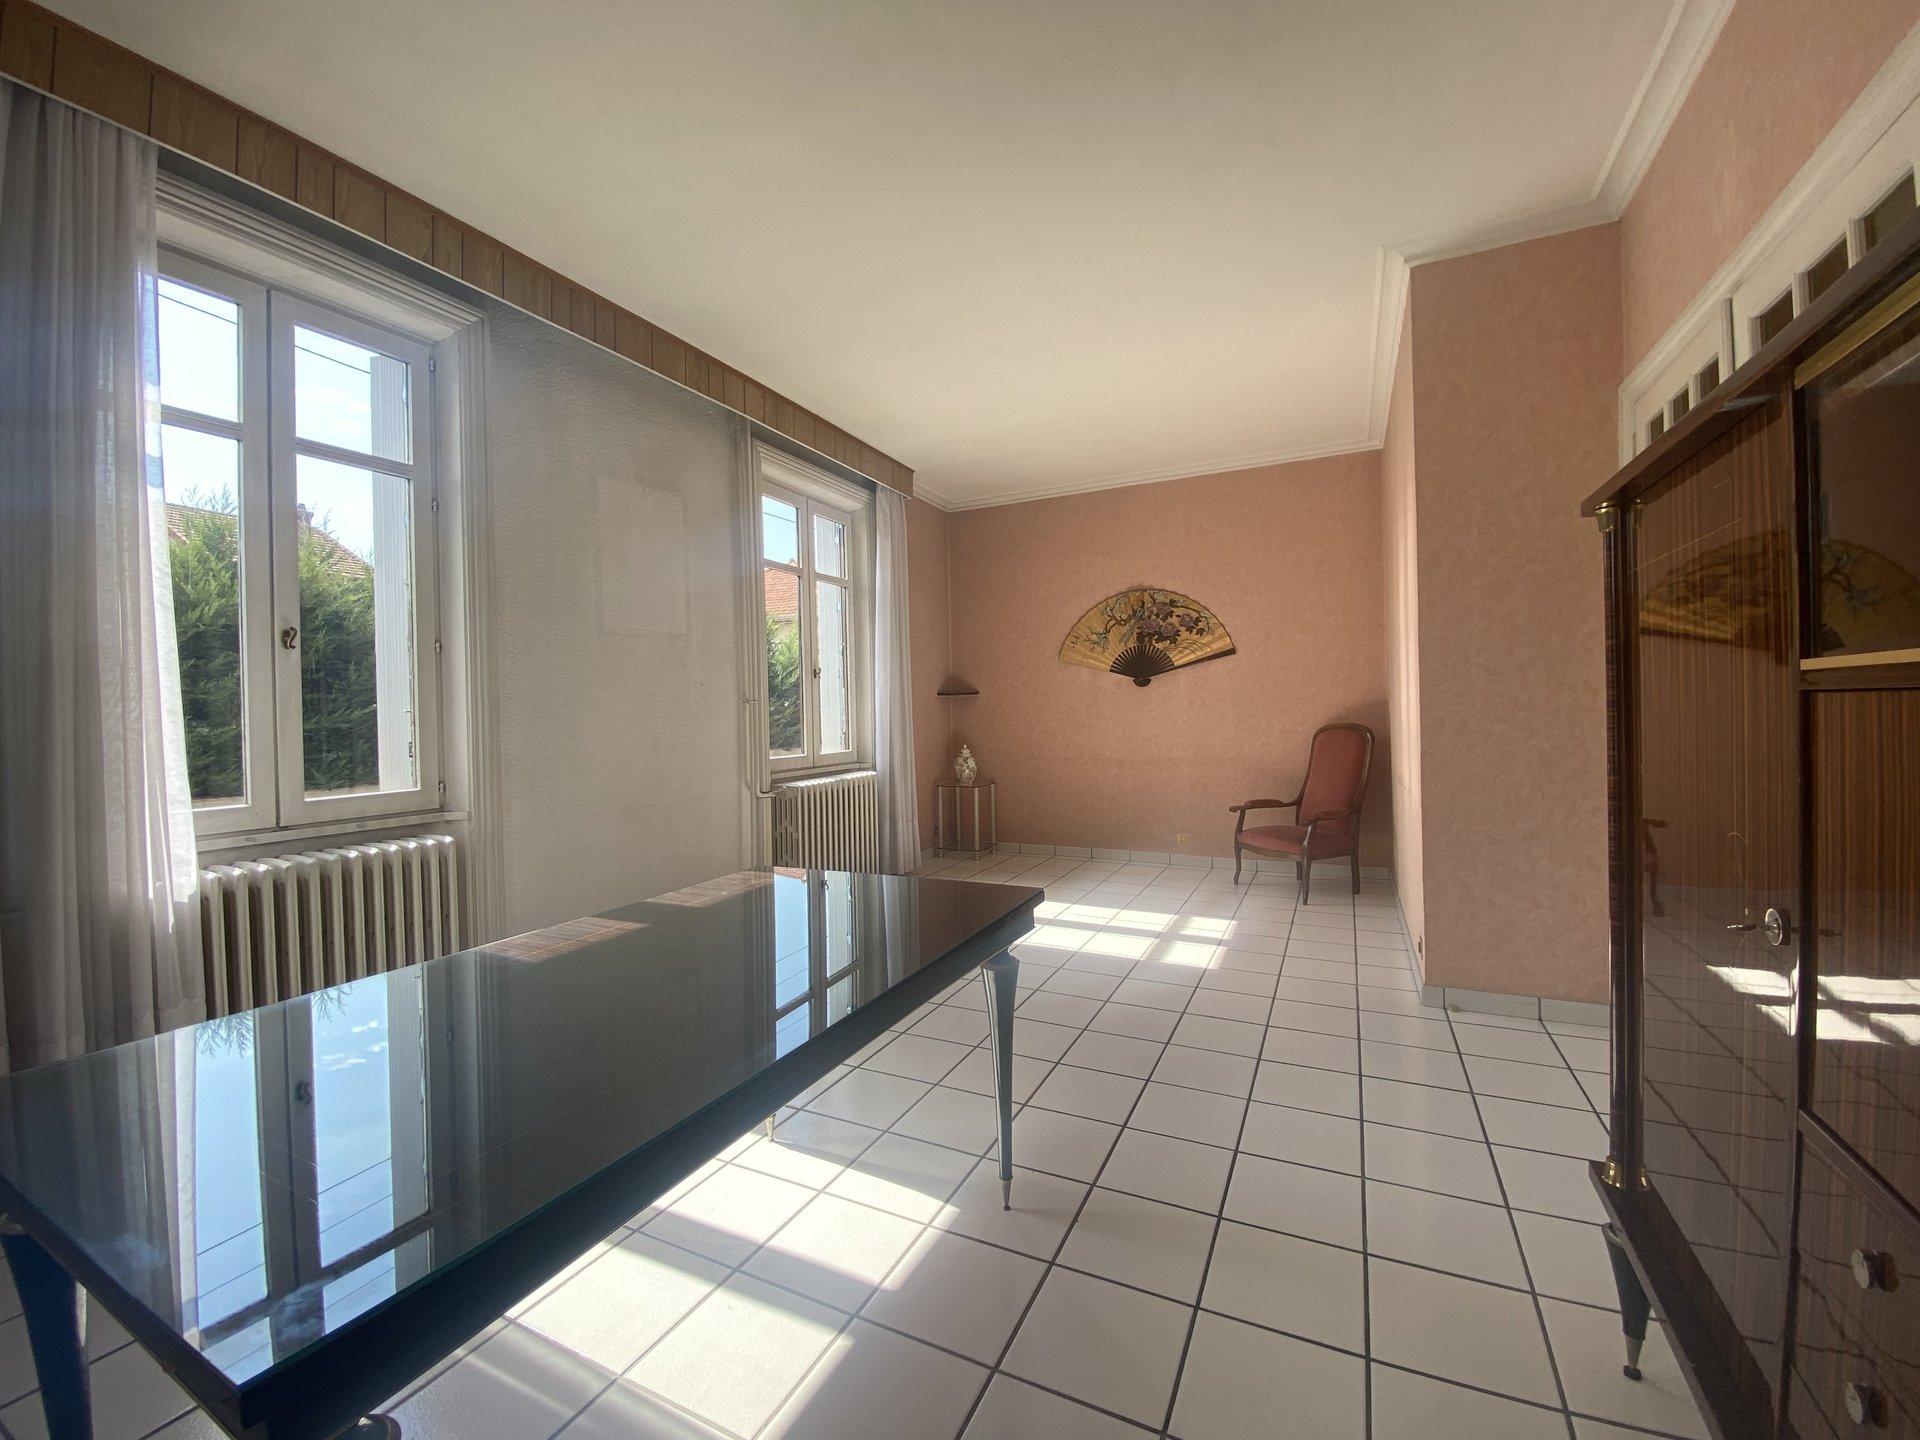 Saint-Etienne La Terrasse - Maison individuelle de 88 m² sur terrain de 403 m²